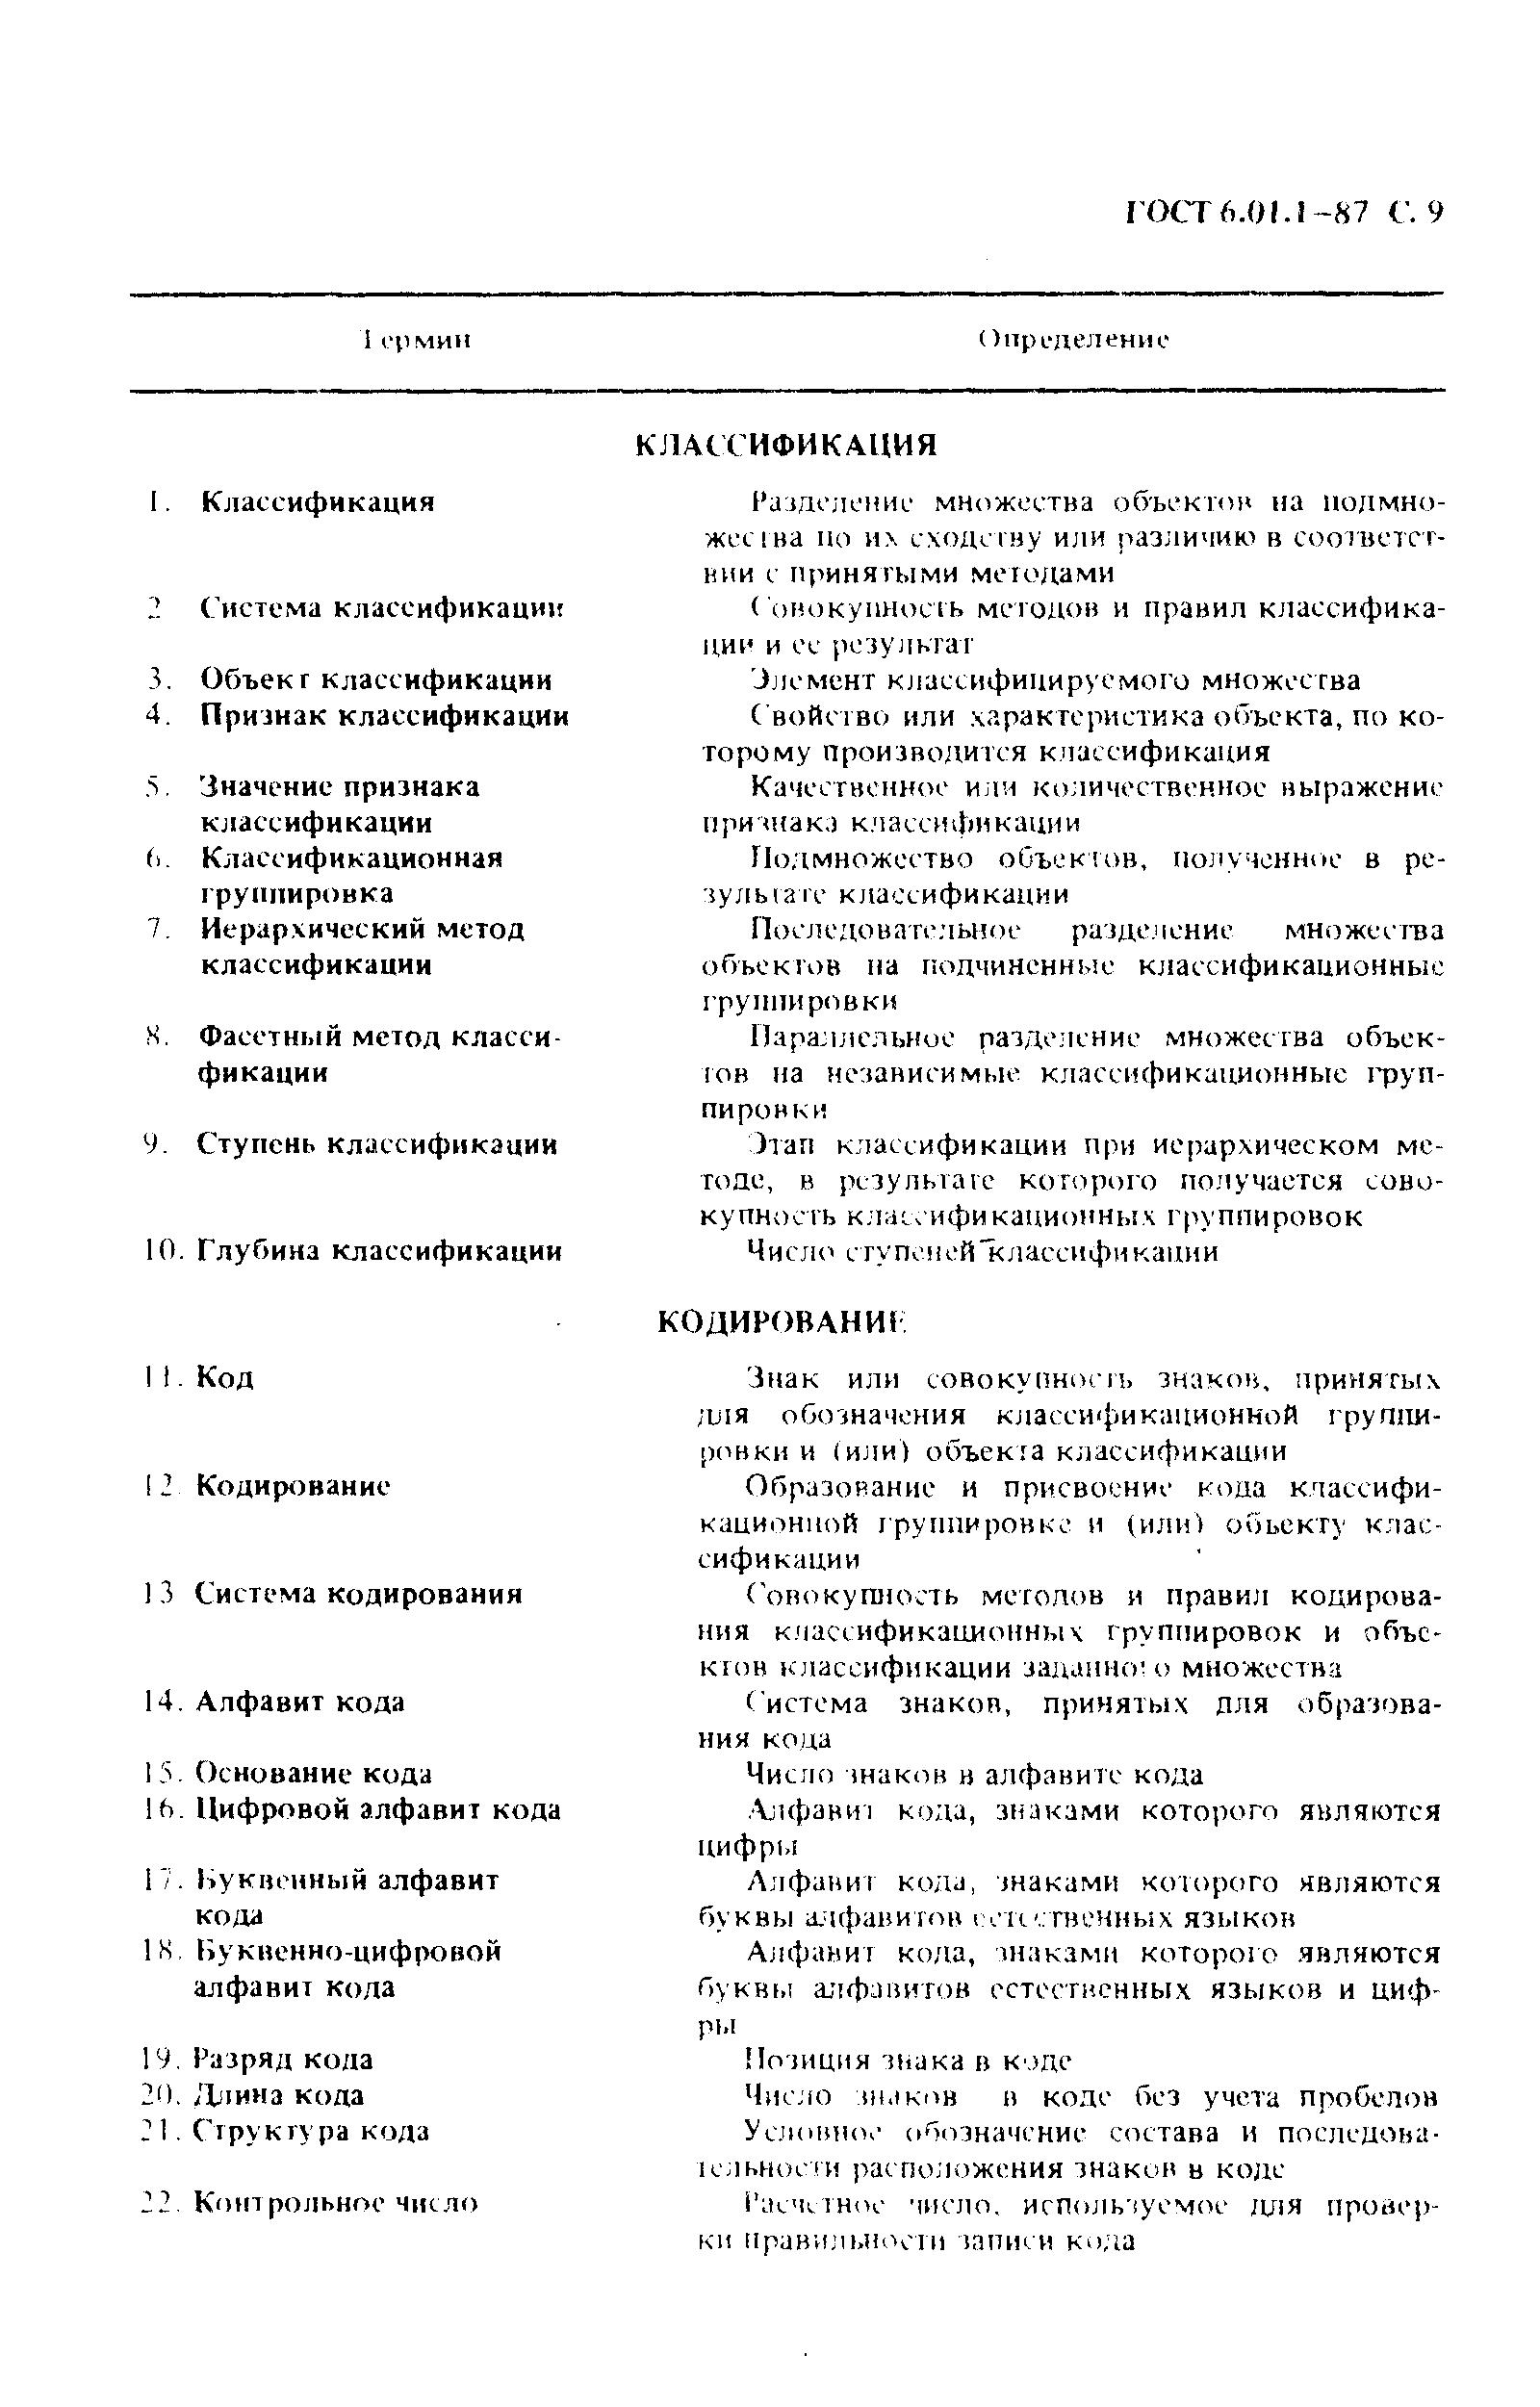 ГОСТ 6.01.1-87. Страница 10